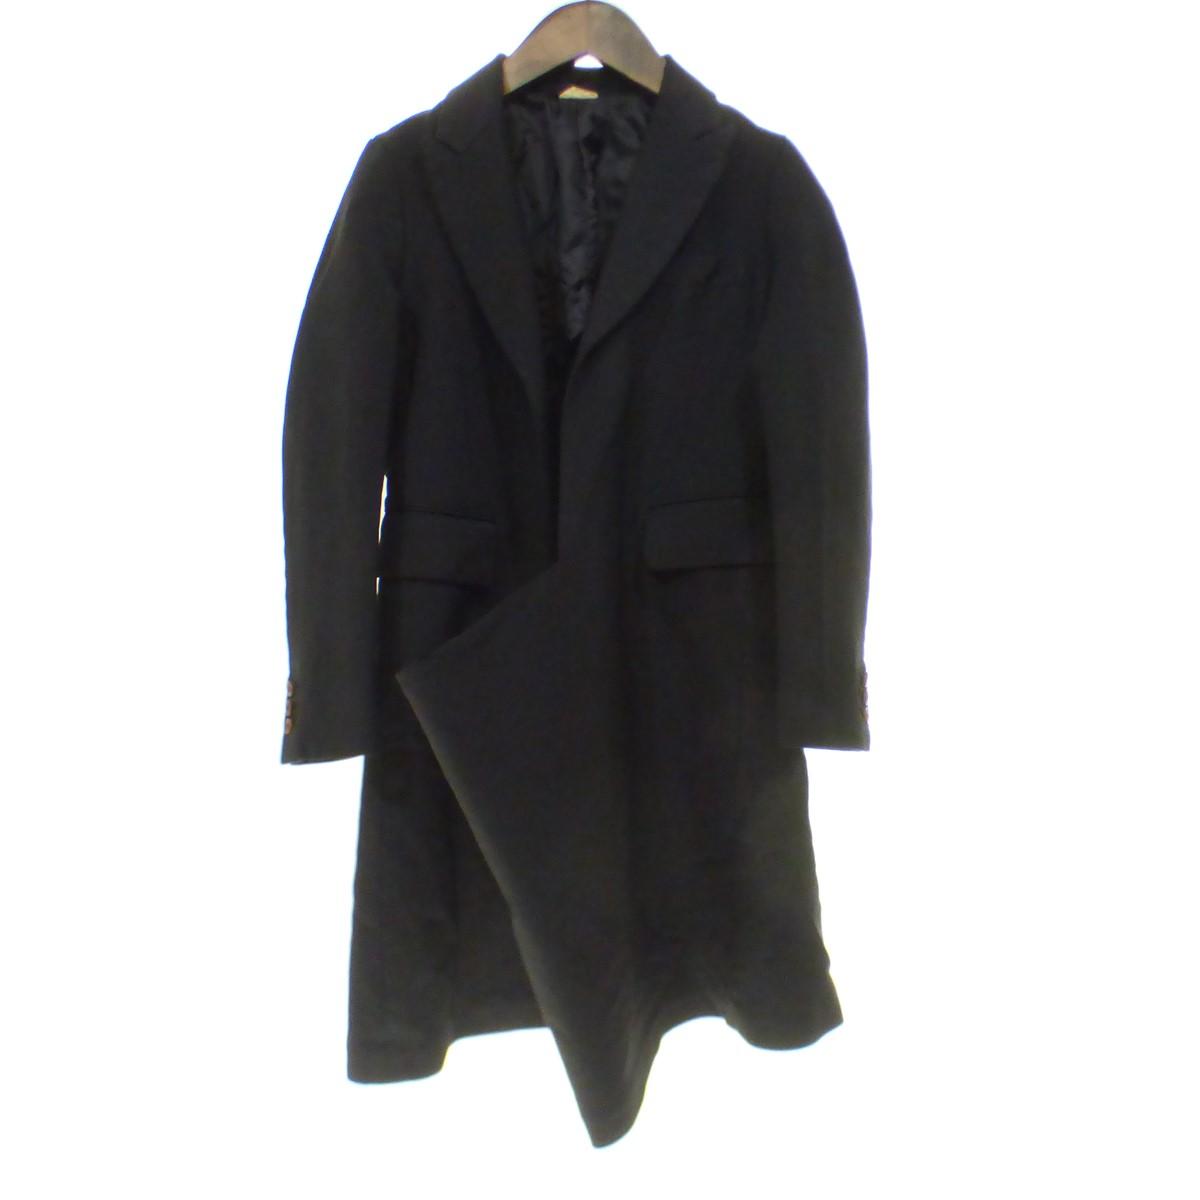 【中古】COMME des GARCONS 【2015A/W】縮絨加工変形デザインプルオーバーデザインコート ブラック サイズ:XS 【180420】(コムデギャルソン)